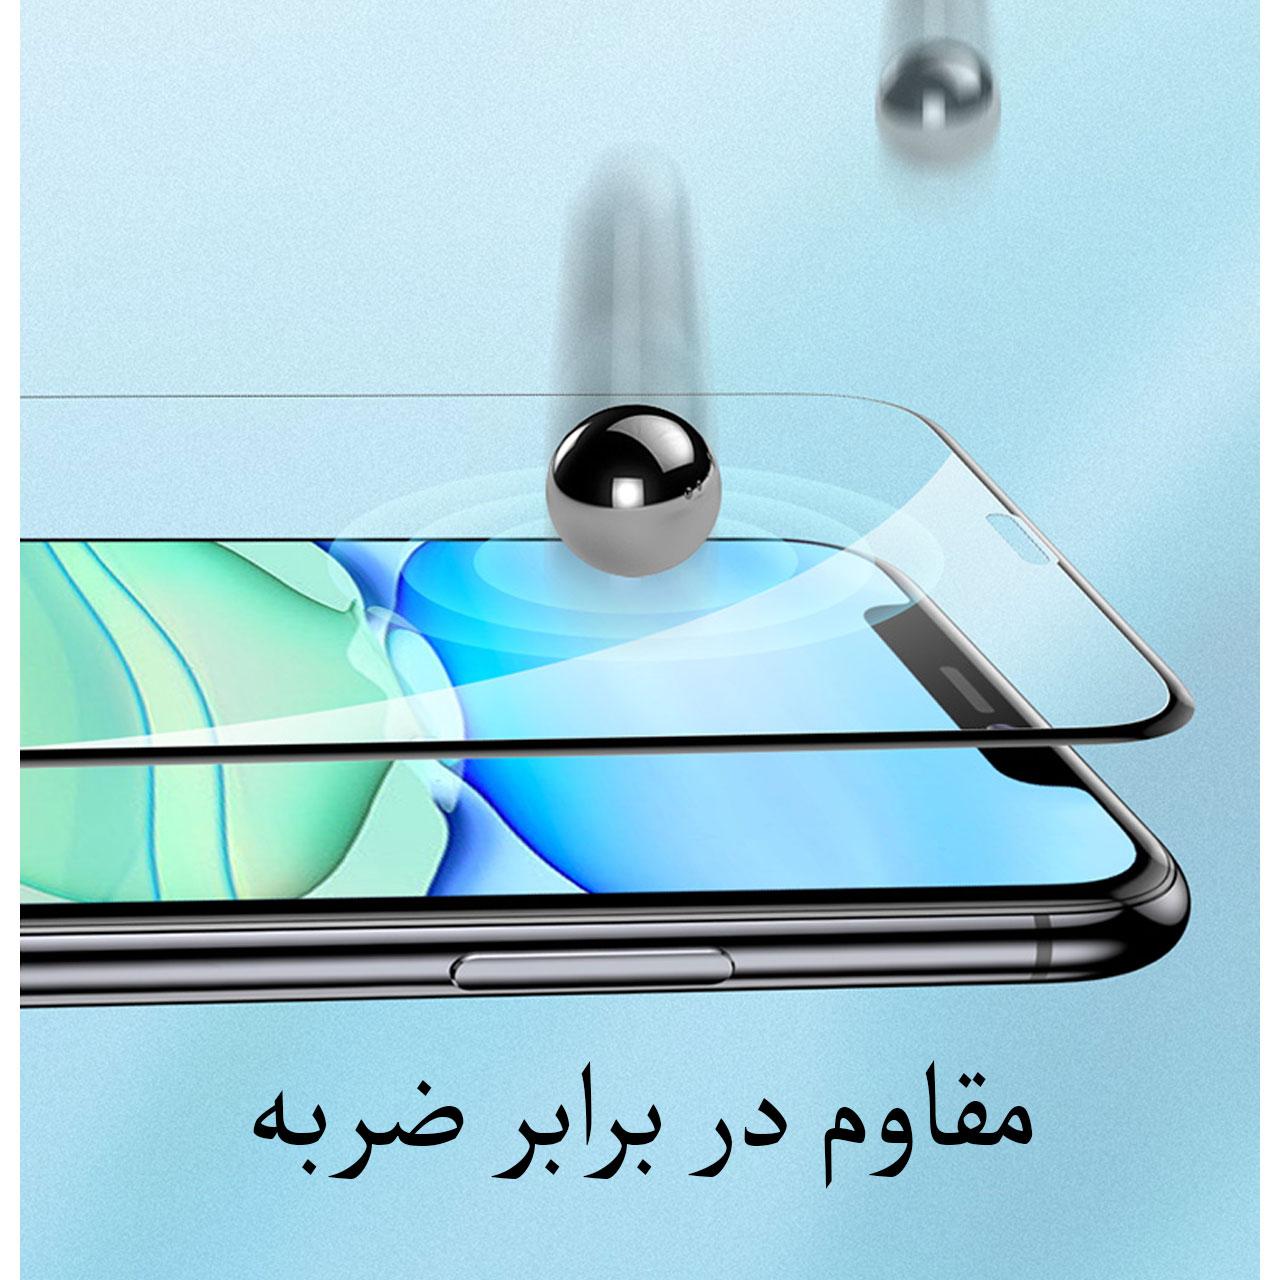 محافظ صفحه نمایش مدل FCG مناسب برای گوشی موبایل اپل iPhone 12 Pro Max main 1 8